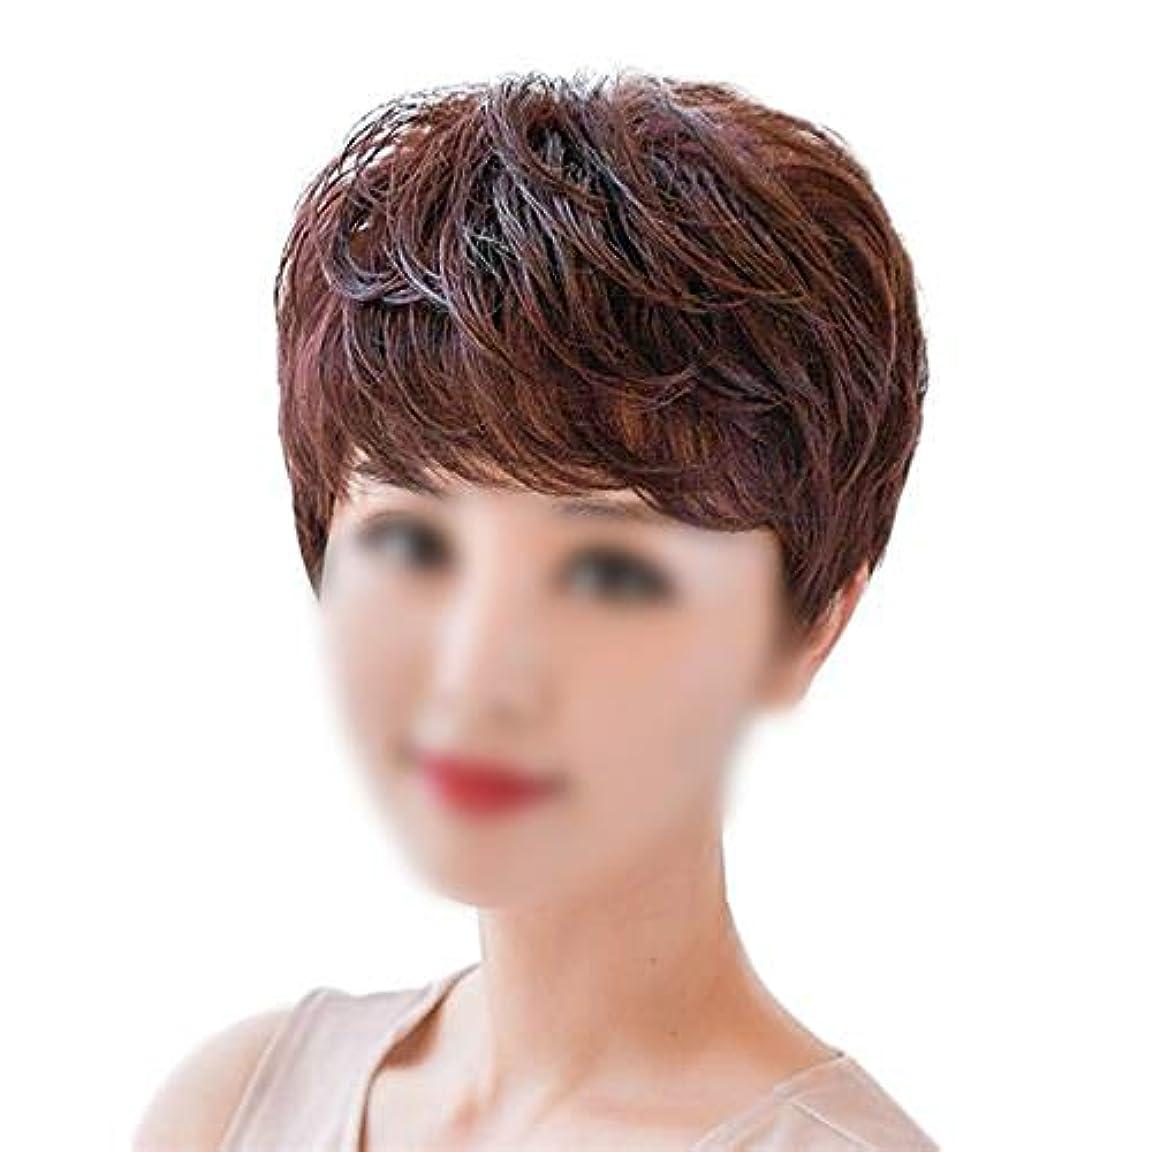 憂鬱複製する平方YOUQIU 母のギフトかつらのために女性のふわふわナチュラルショートカーリーヘア手織りの実ヘアウィッグ (色 : Dark brown)